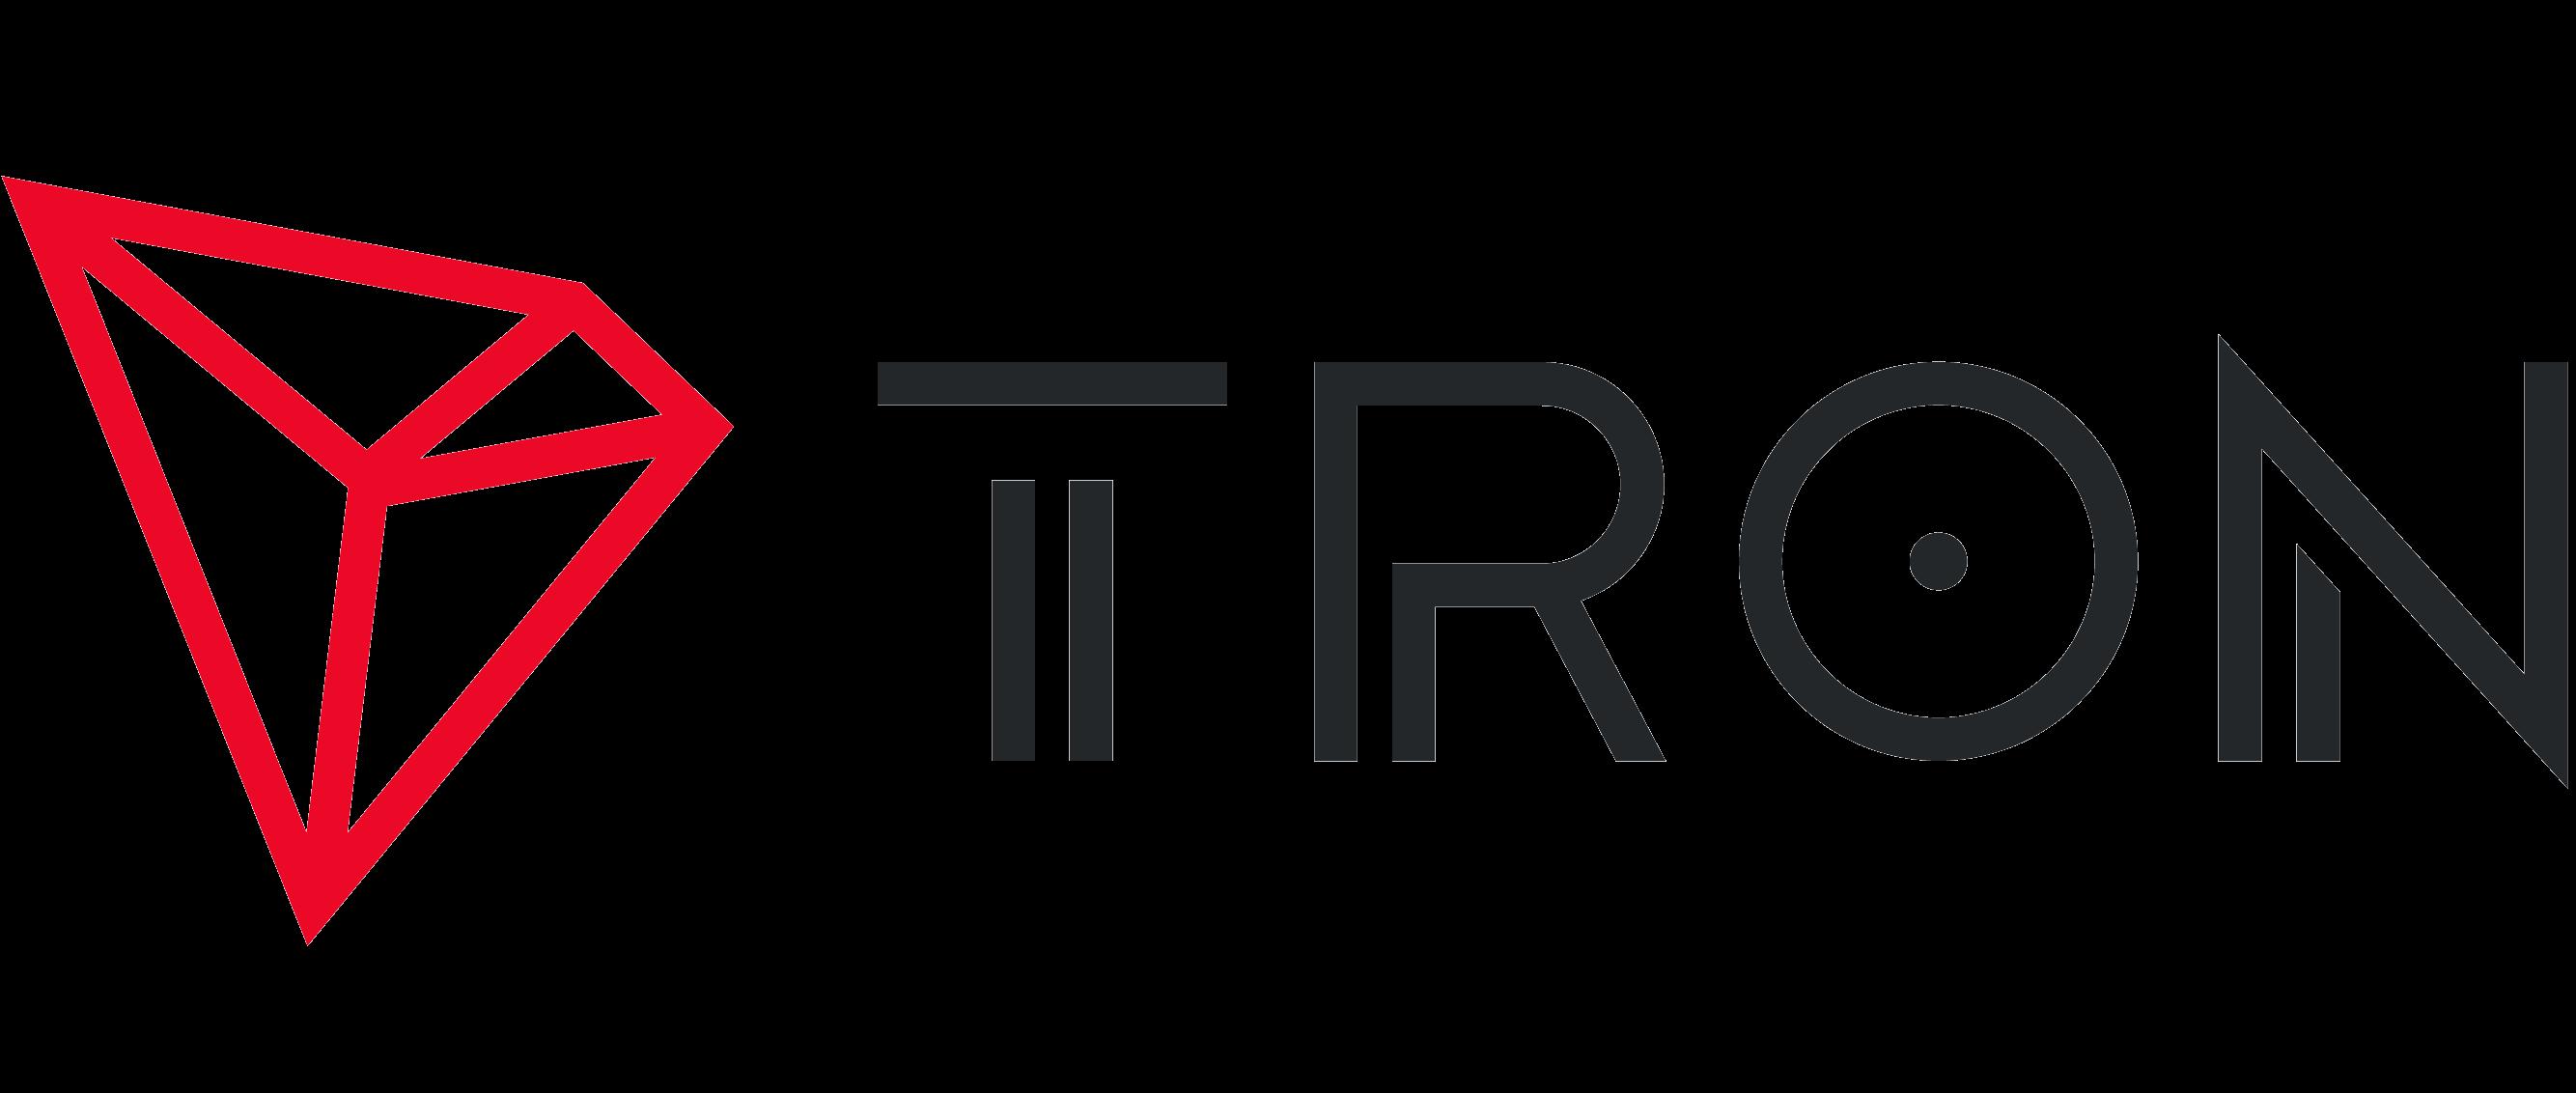 Tron P2P